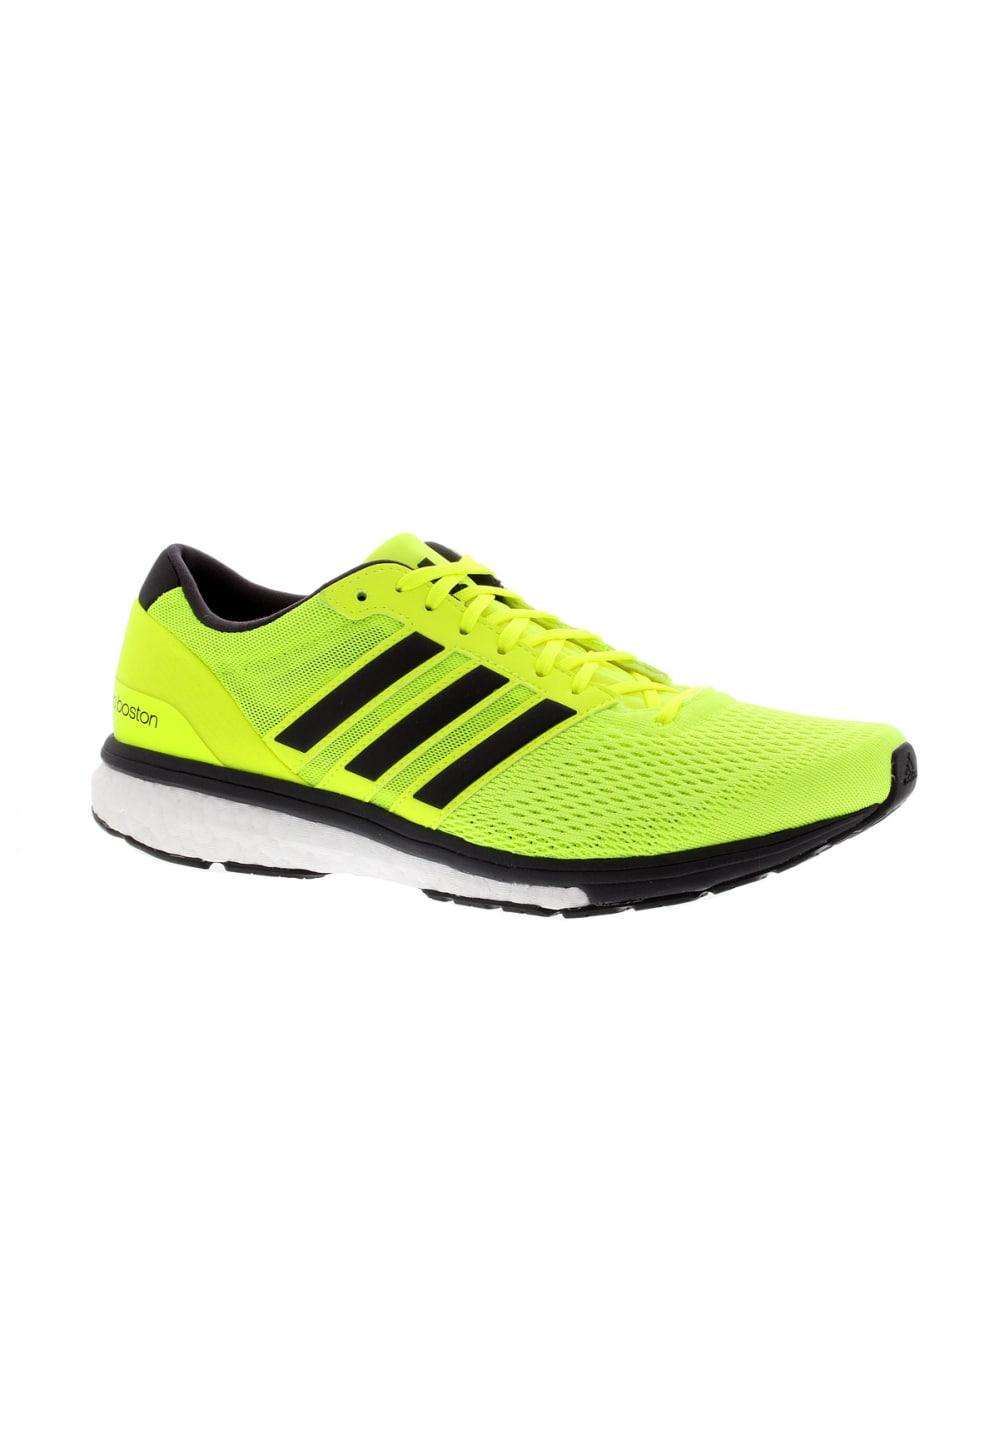 adidas adizero Boston 6 - Laufschuhe für Herren - Gelb